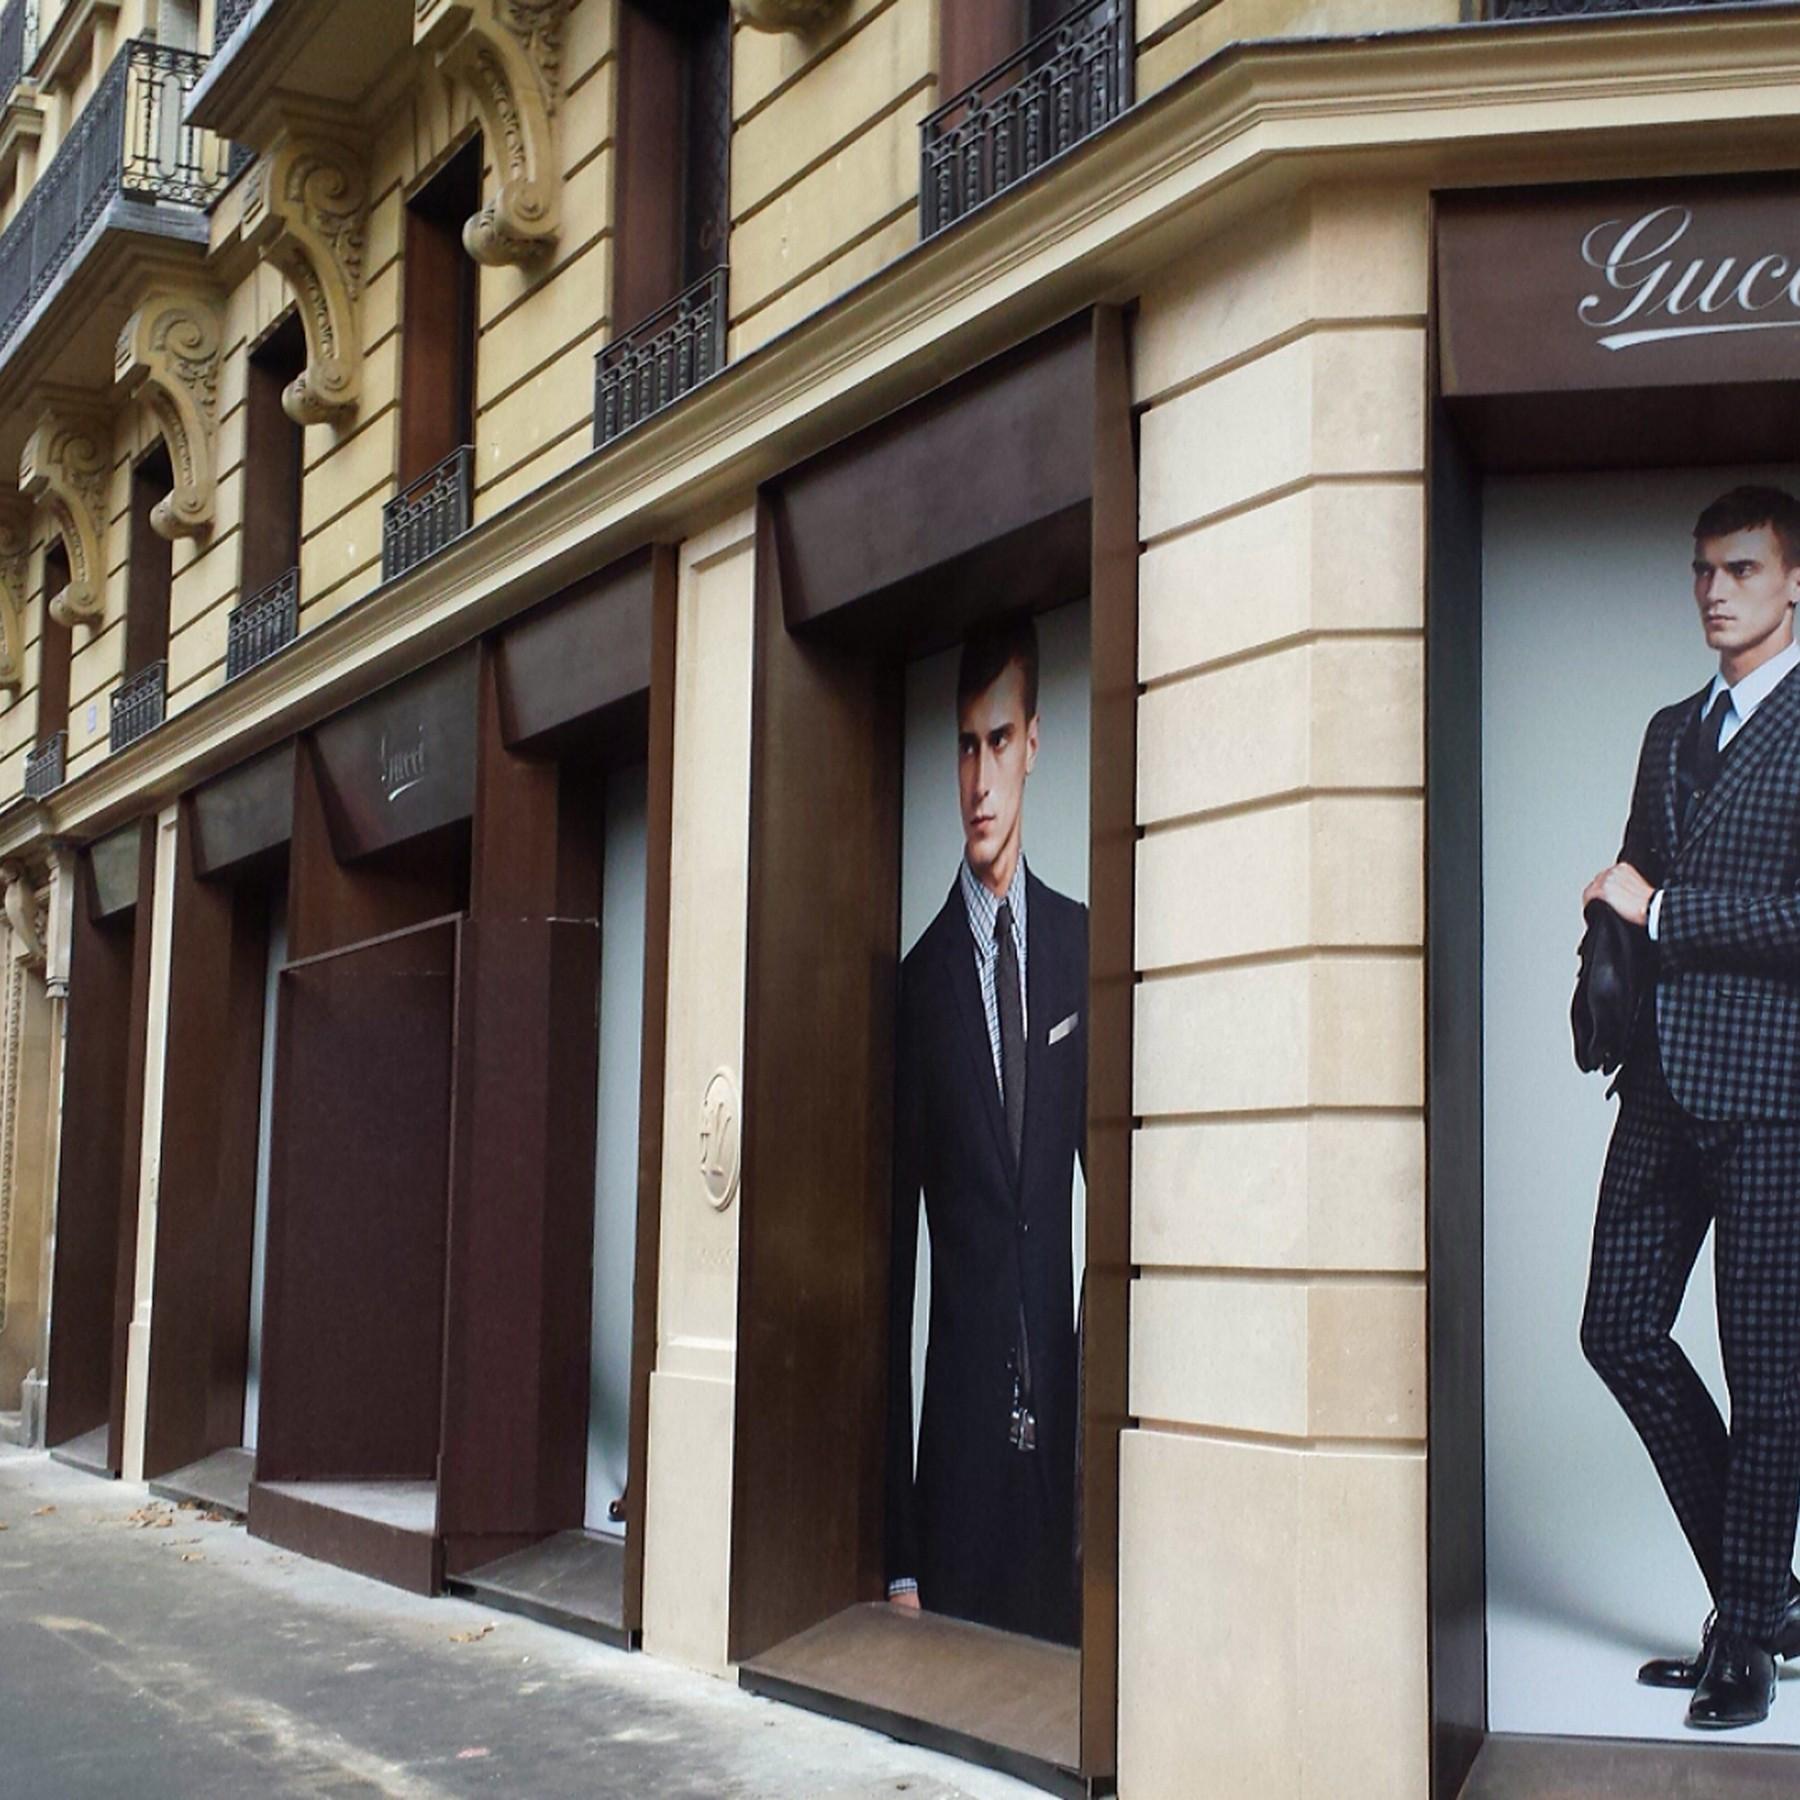 Jamie-fobert-architects- bhv- rue-des-archives-paris- construction- facades